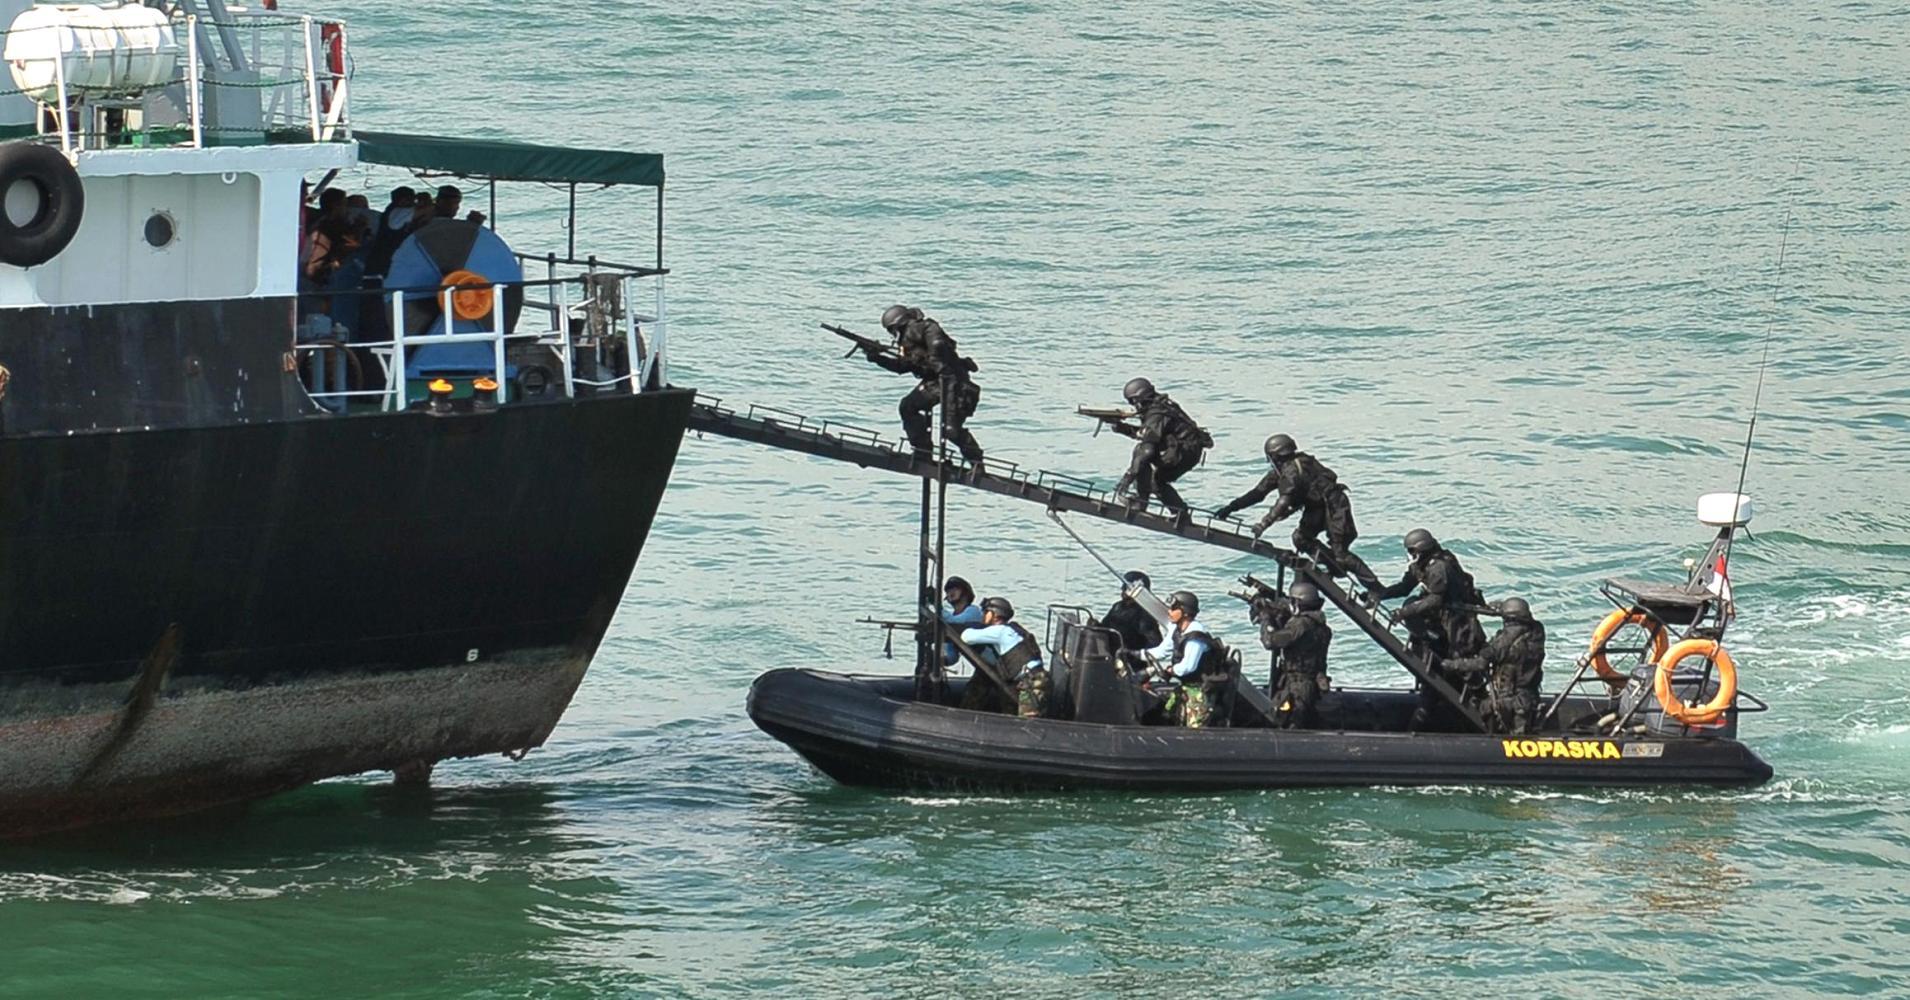 Ship boarding Kopaska dengan CANTOKA